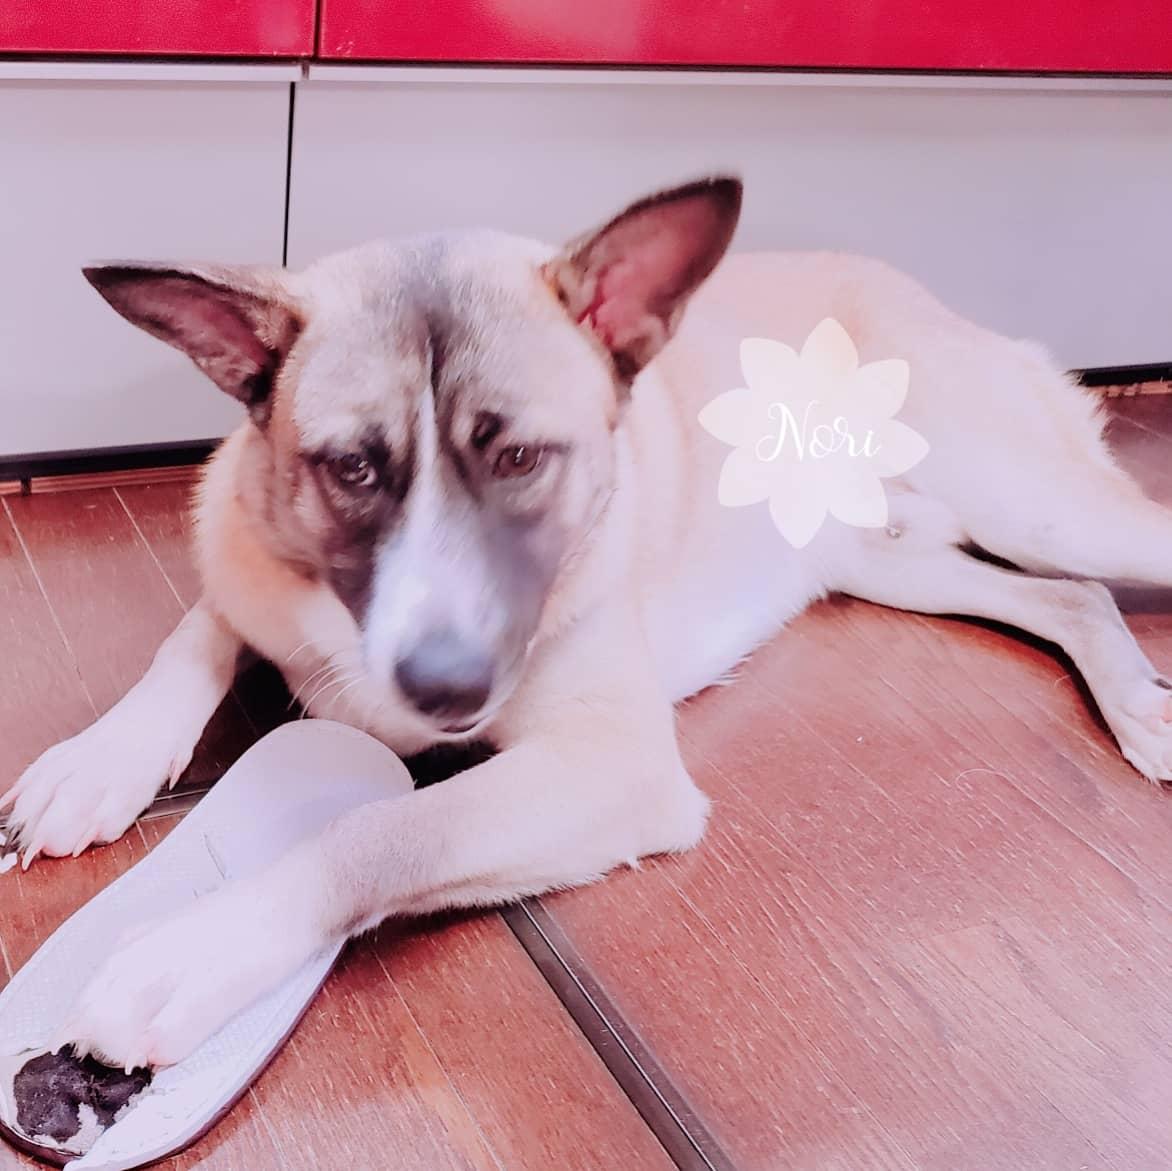 不覚にもスリッパをひとつ奪われてしまい、自分がする掃除の手間を増やした。  #dog #犬 #犬のいる暮らし #元保護犬 #室内飼い